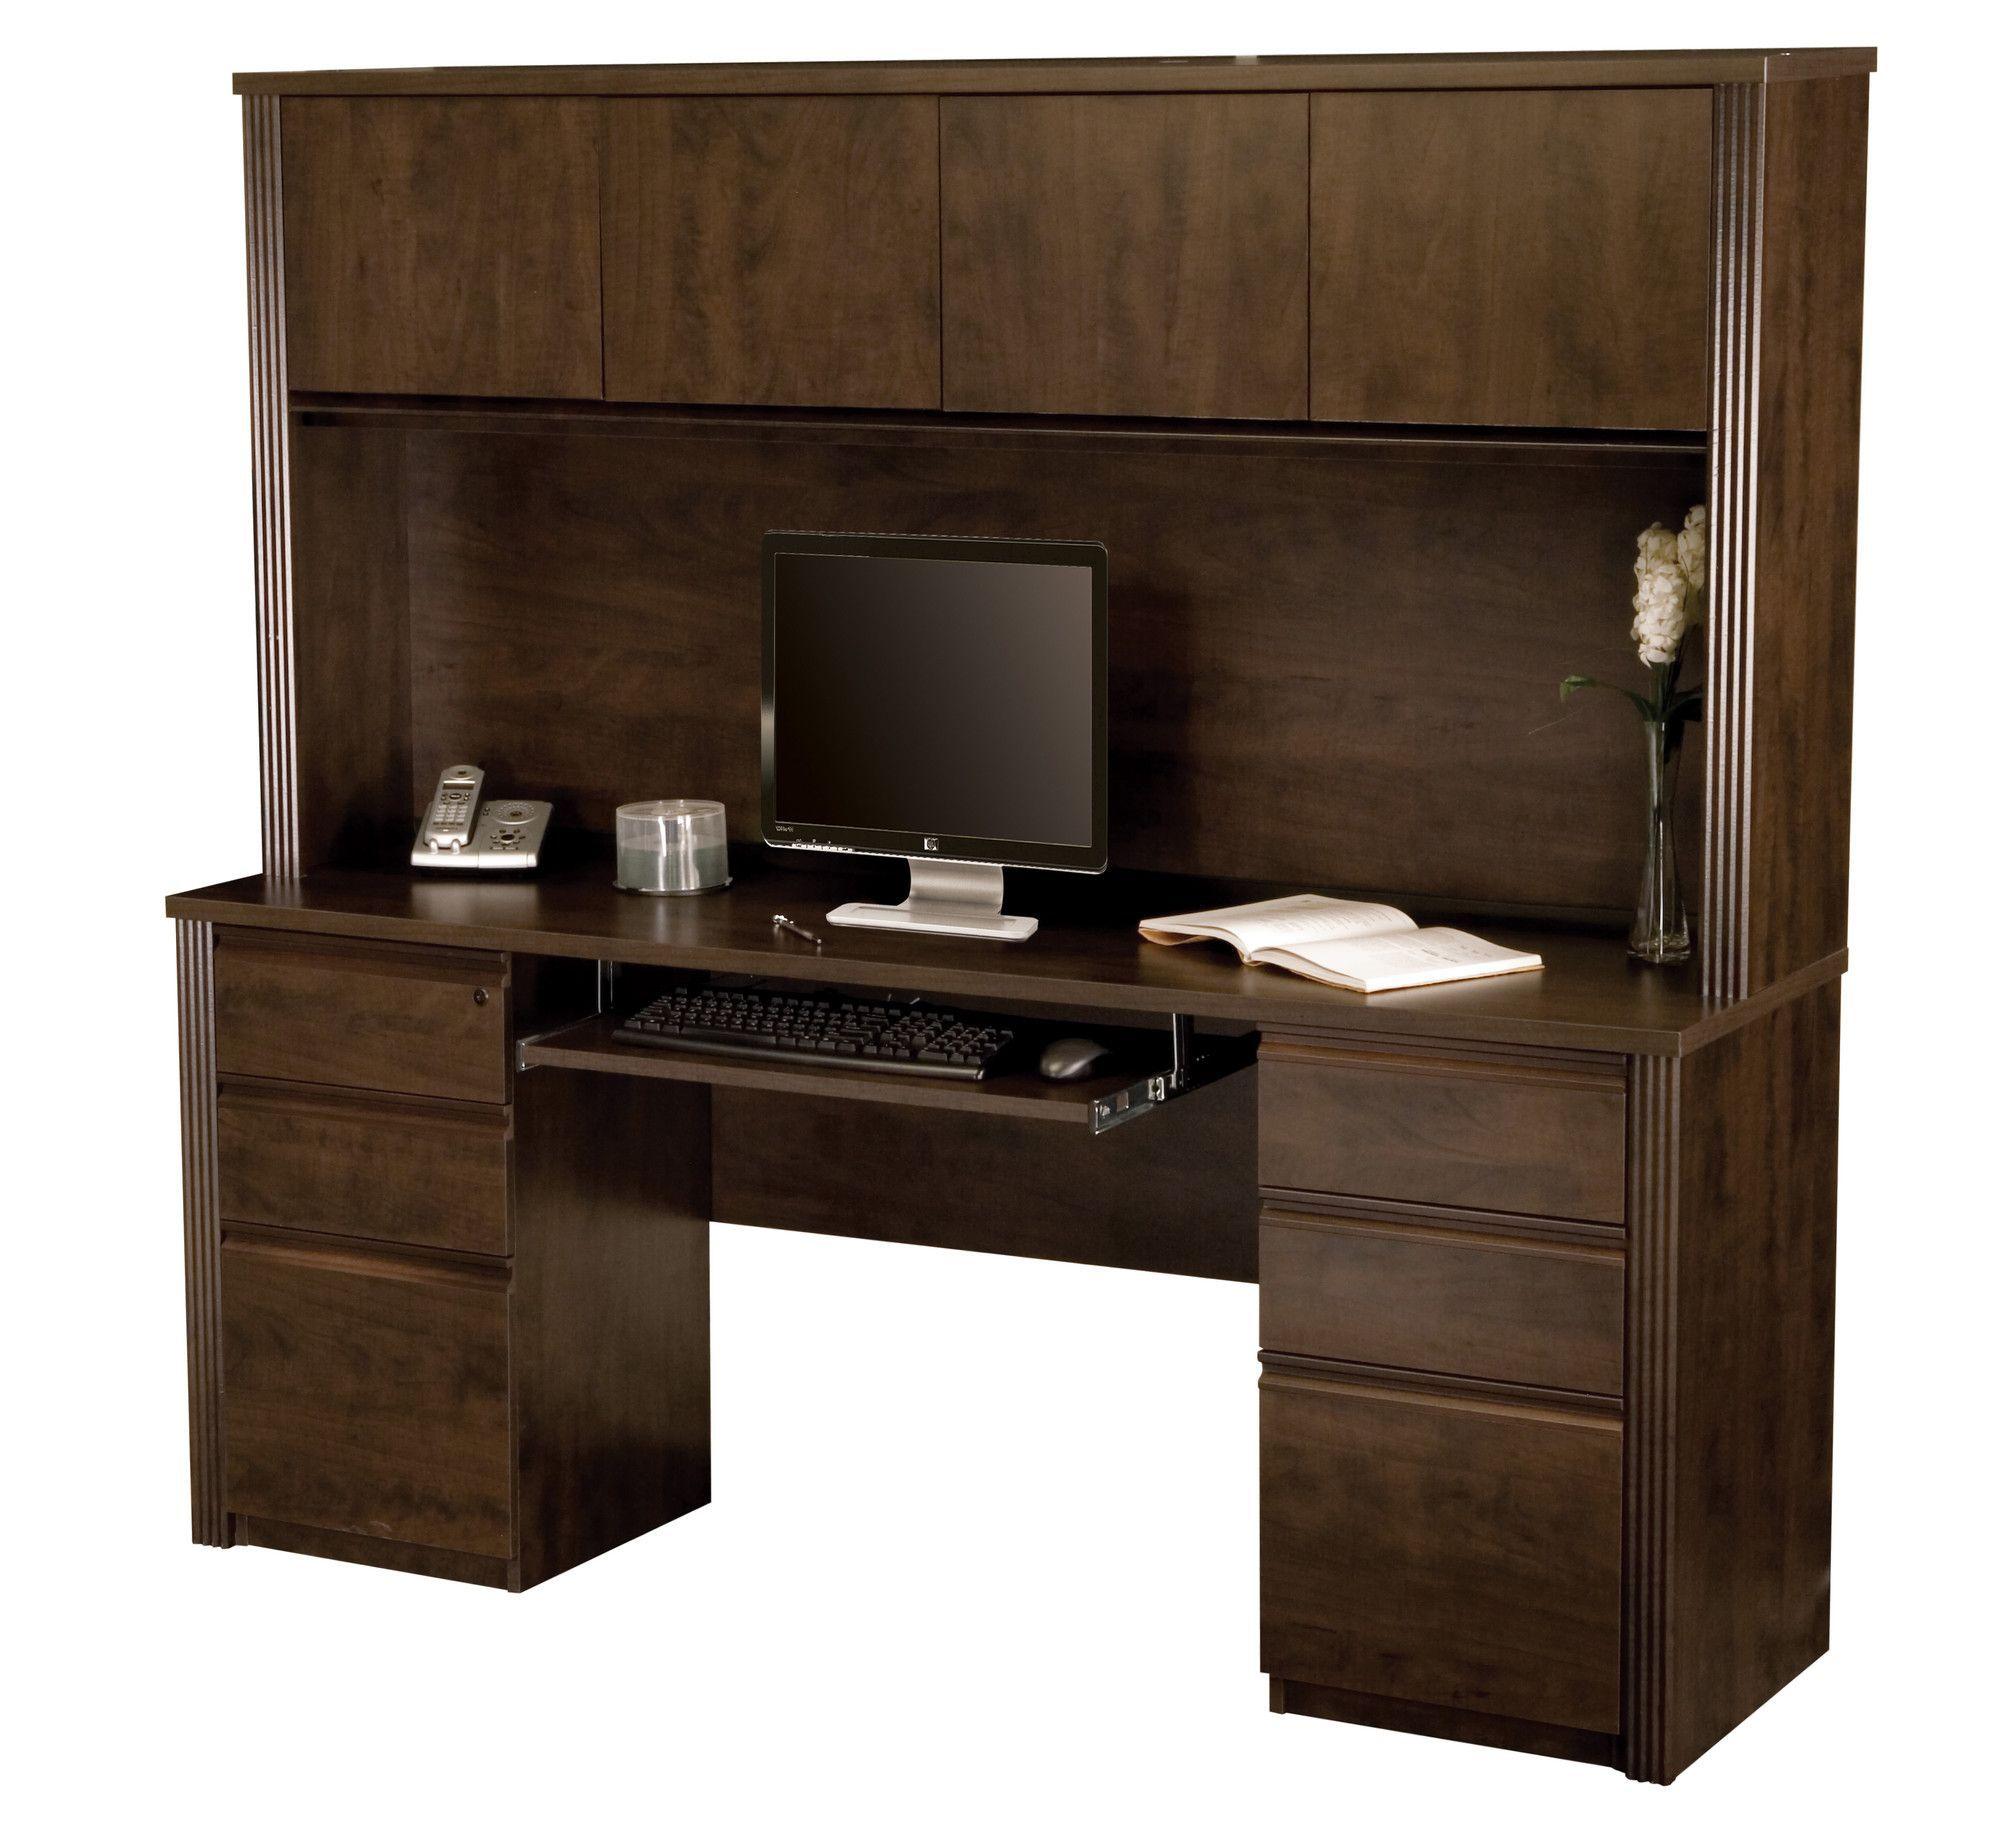 Bormann Credenza Desk